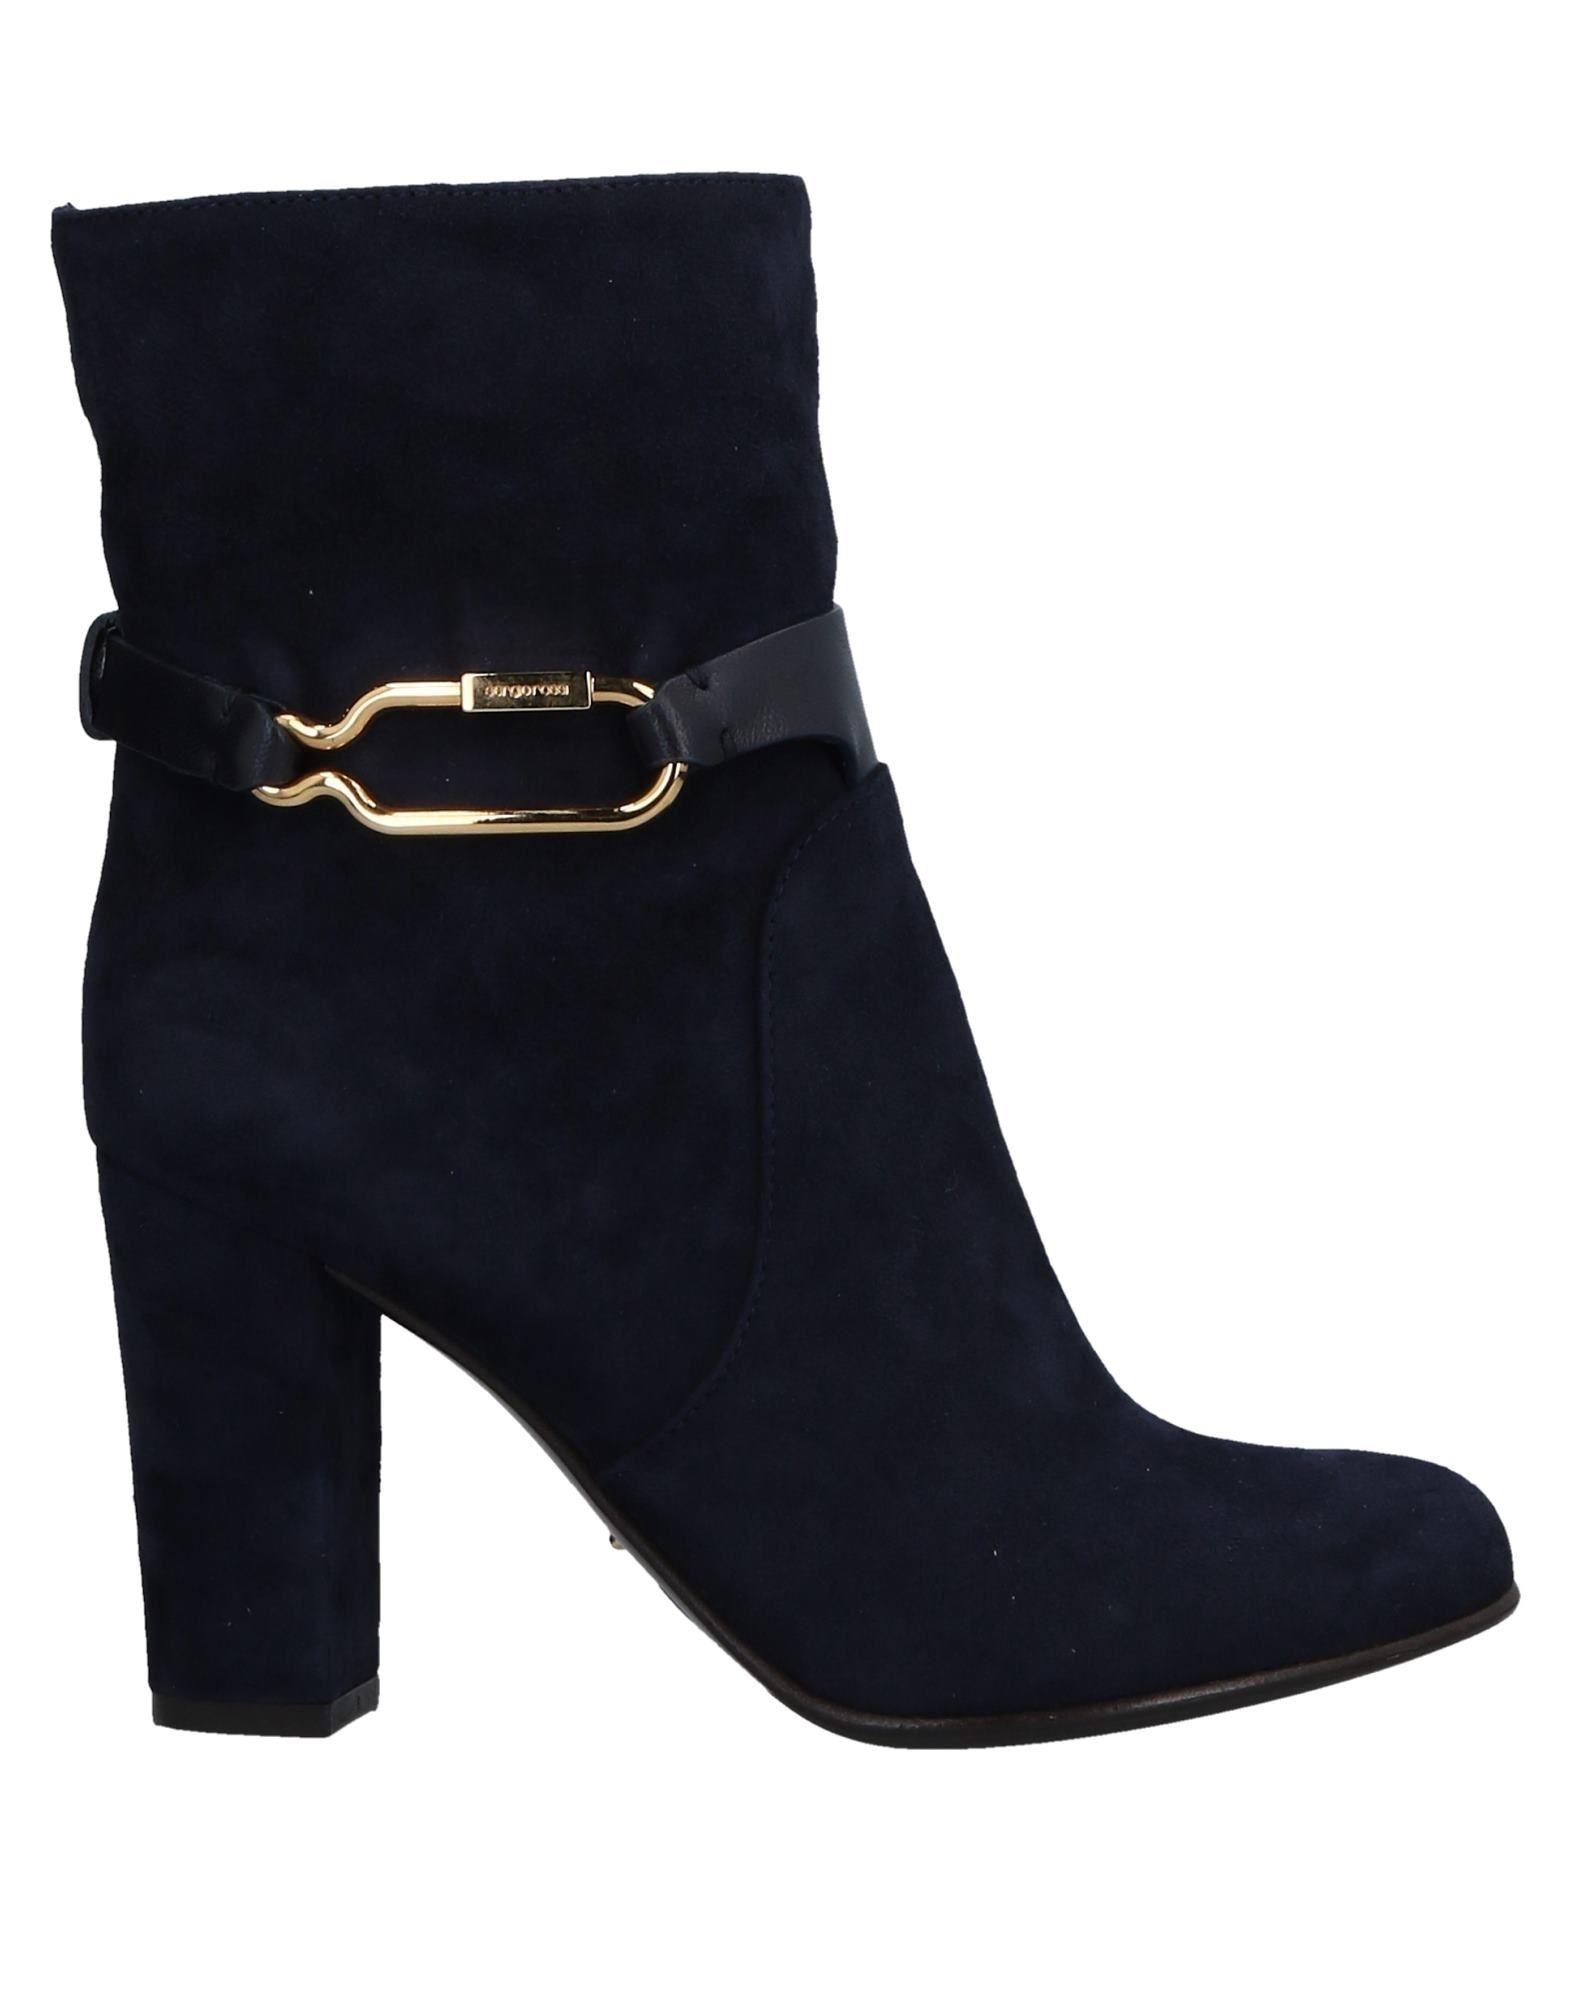 Sergio Rossi Stiefelette Damen aussehende  11522701CXGünstige gut aussehende Damen Schuhe 594a58